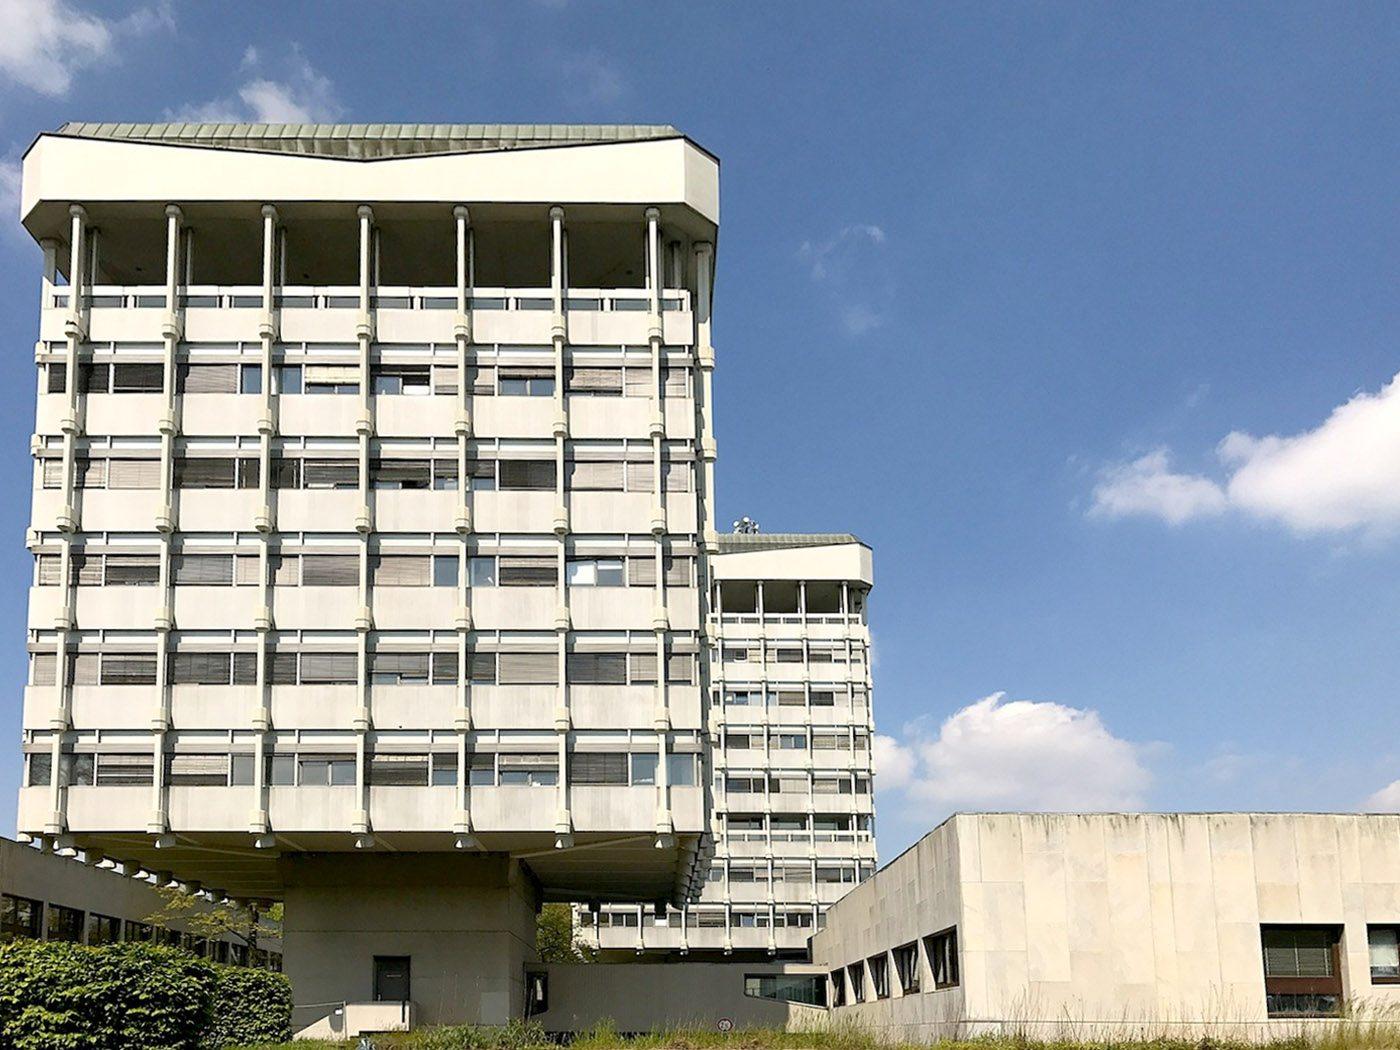 Rathaus Marl. Der Gebäudekomplex steht am Creiler Platz Nr. 1, benannt nach der französischen Partnerstadt Creil.